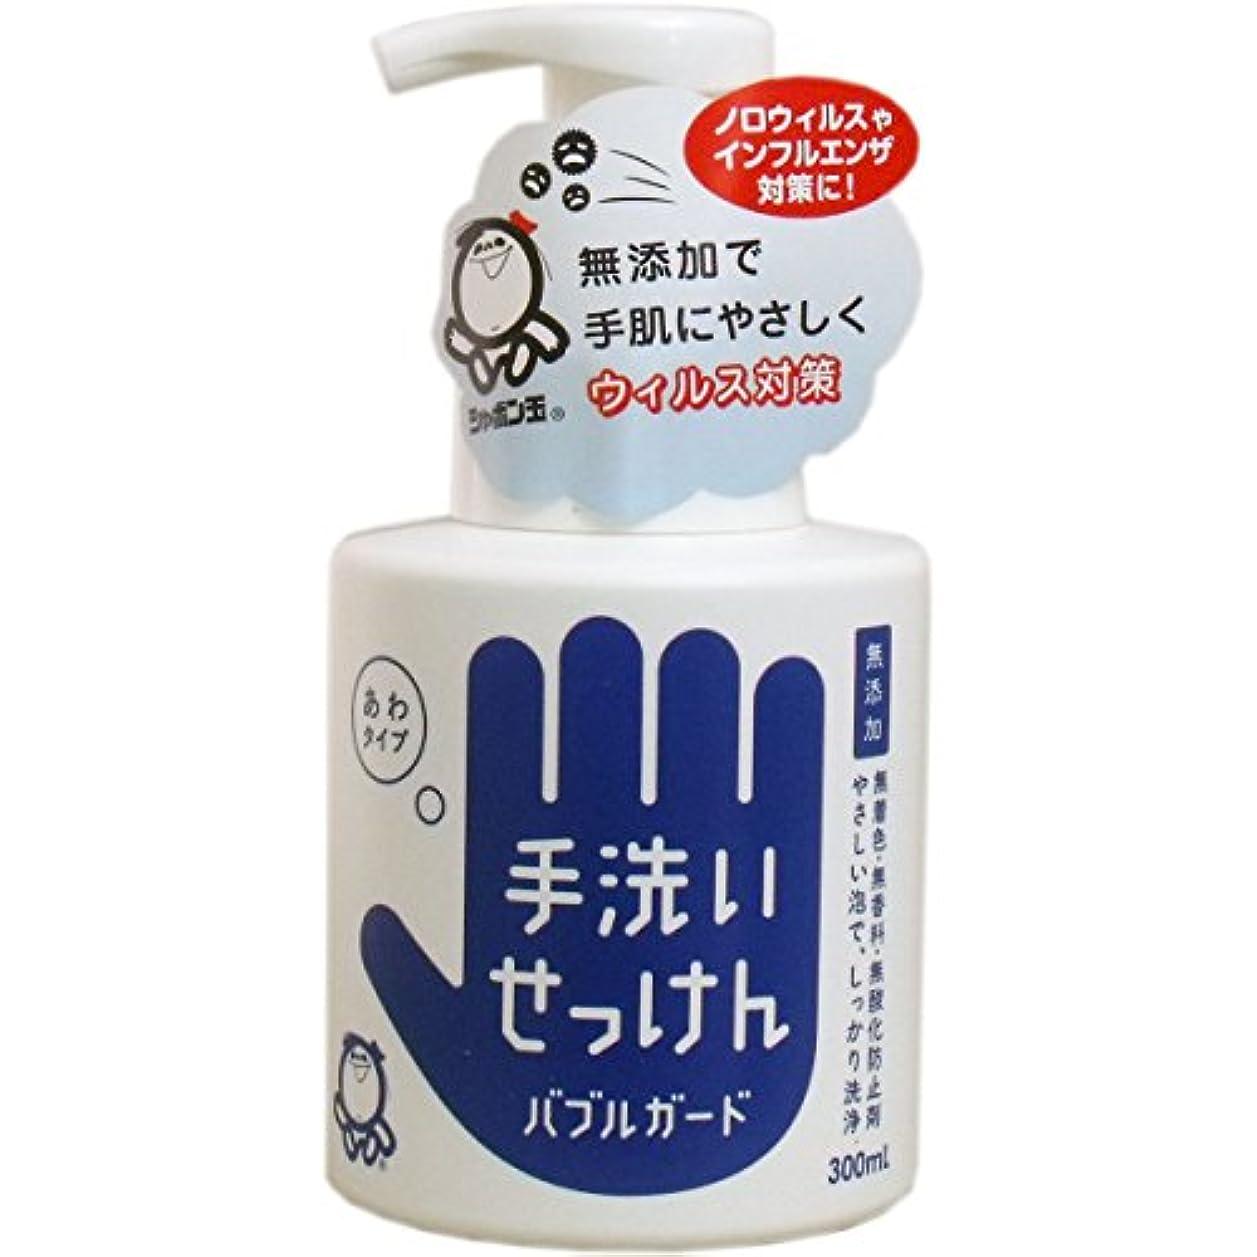 いらいらさせる安息出費シャボン玉石けん 手洗いせっけん バブルガード 本体 300ml 1本